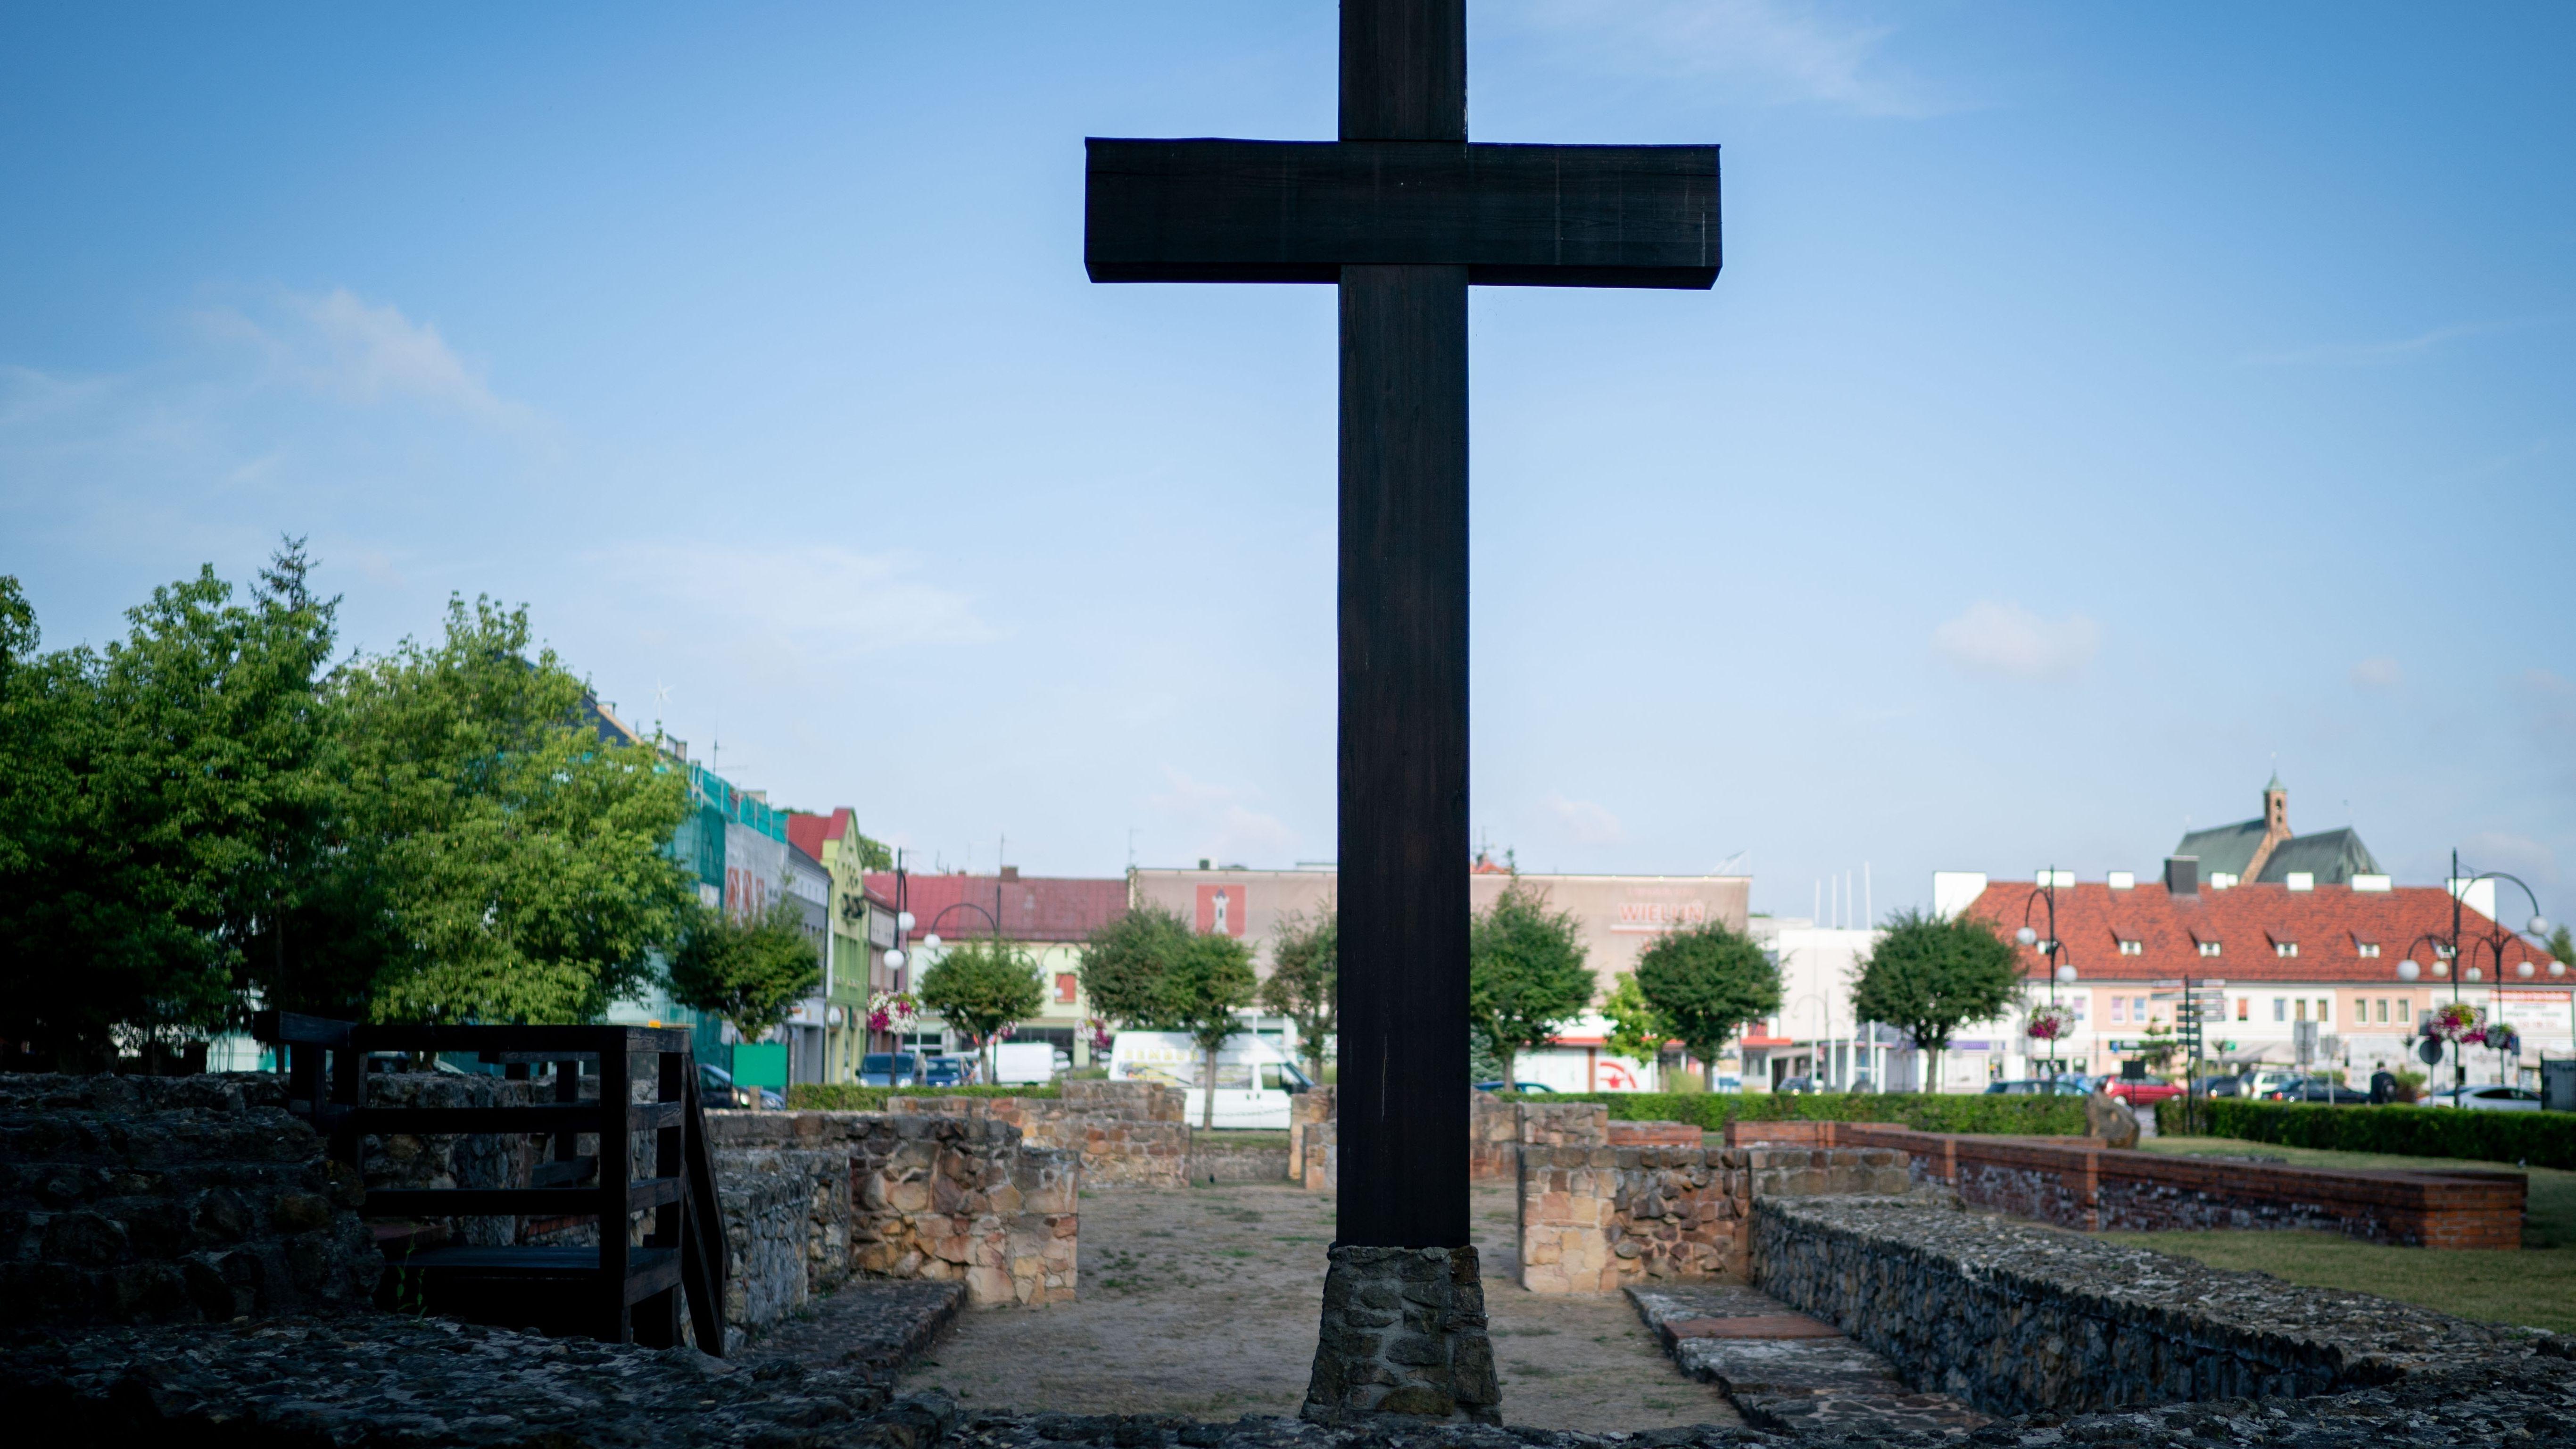 Ein Kreuz in einer Ruine erinnert an eine polnische Kirche, die zu Beginn des 2. Weltkriegs zerstört wurde.